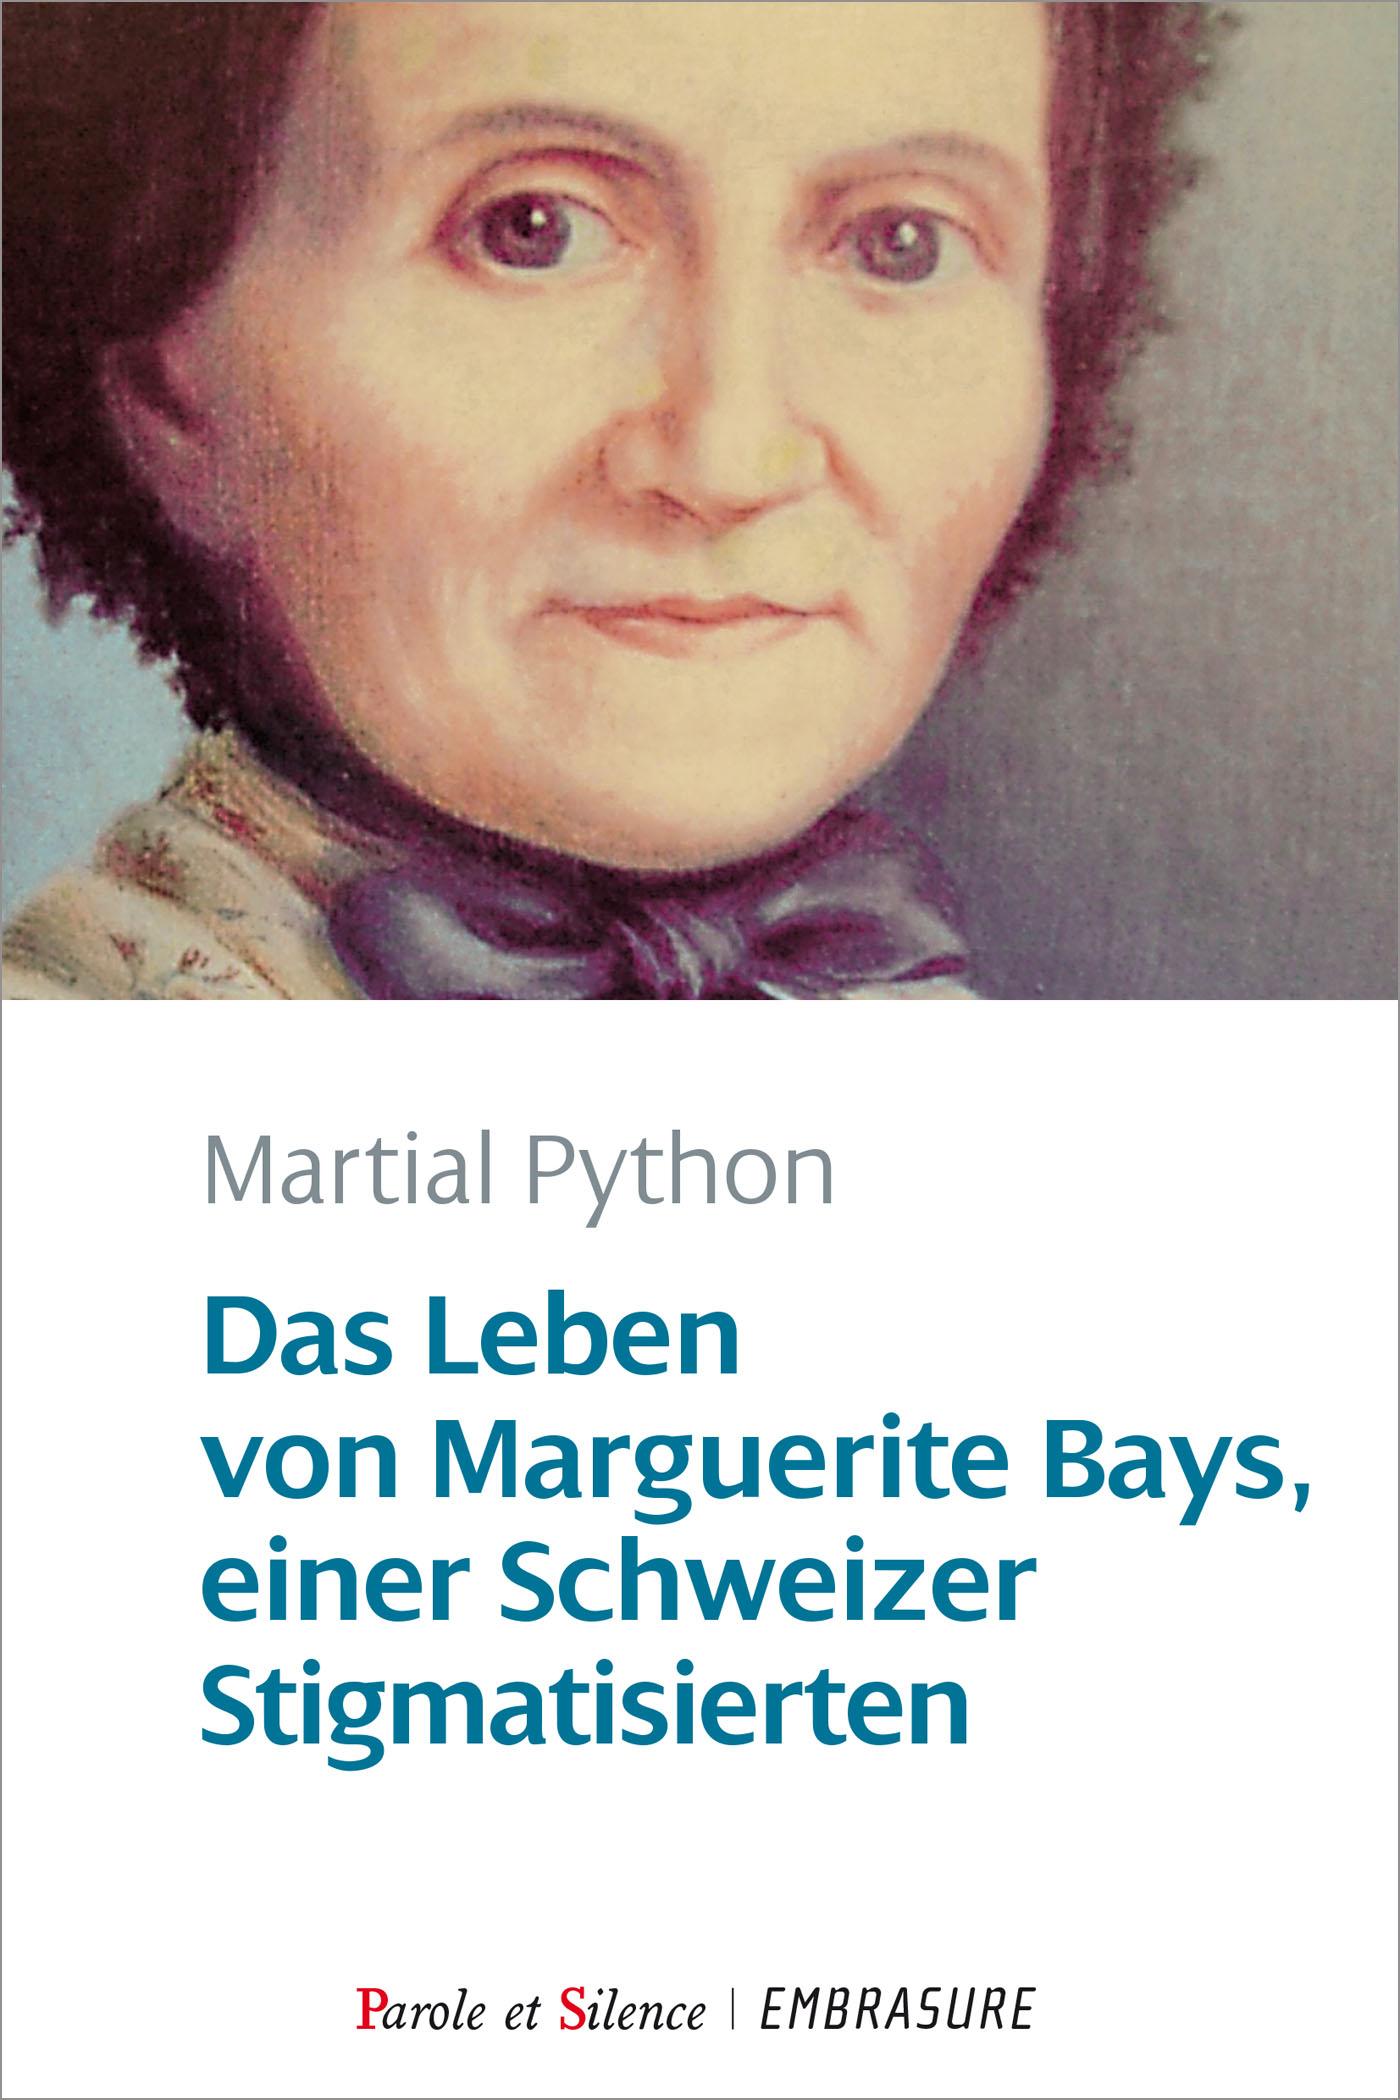 Das Leben von Marguerite Bays, einer Schweizer Stigmatisierten